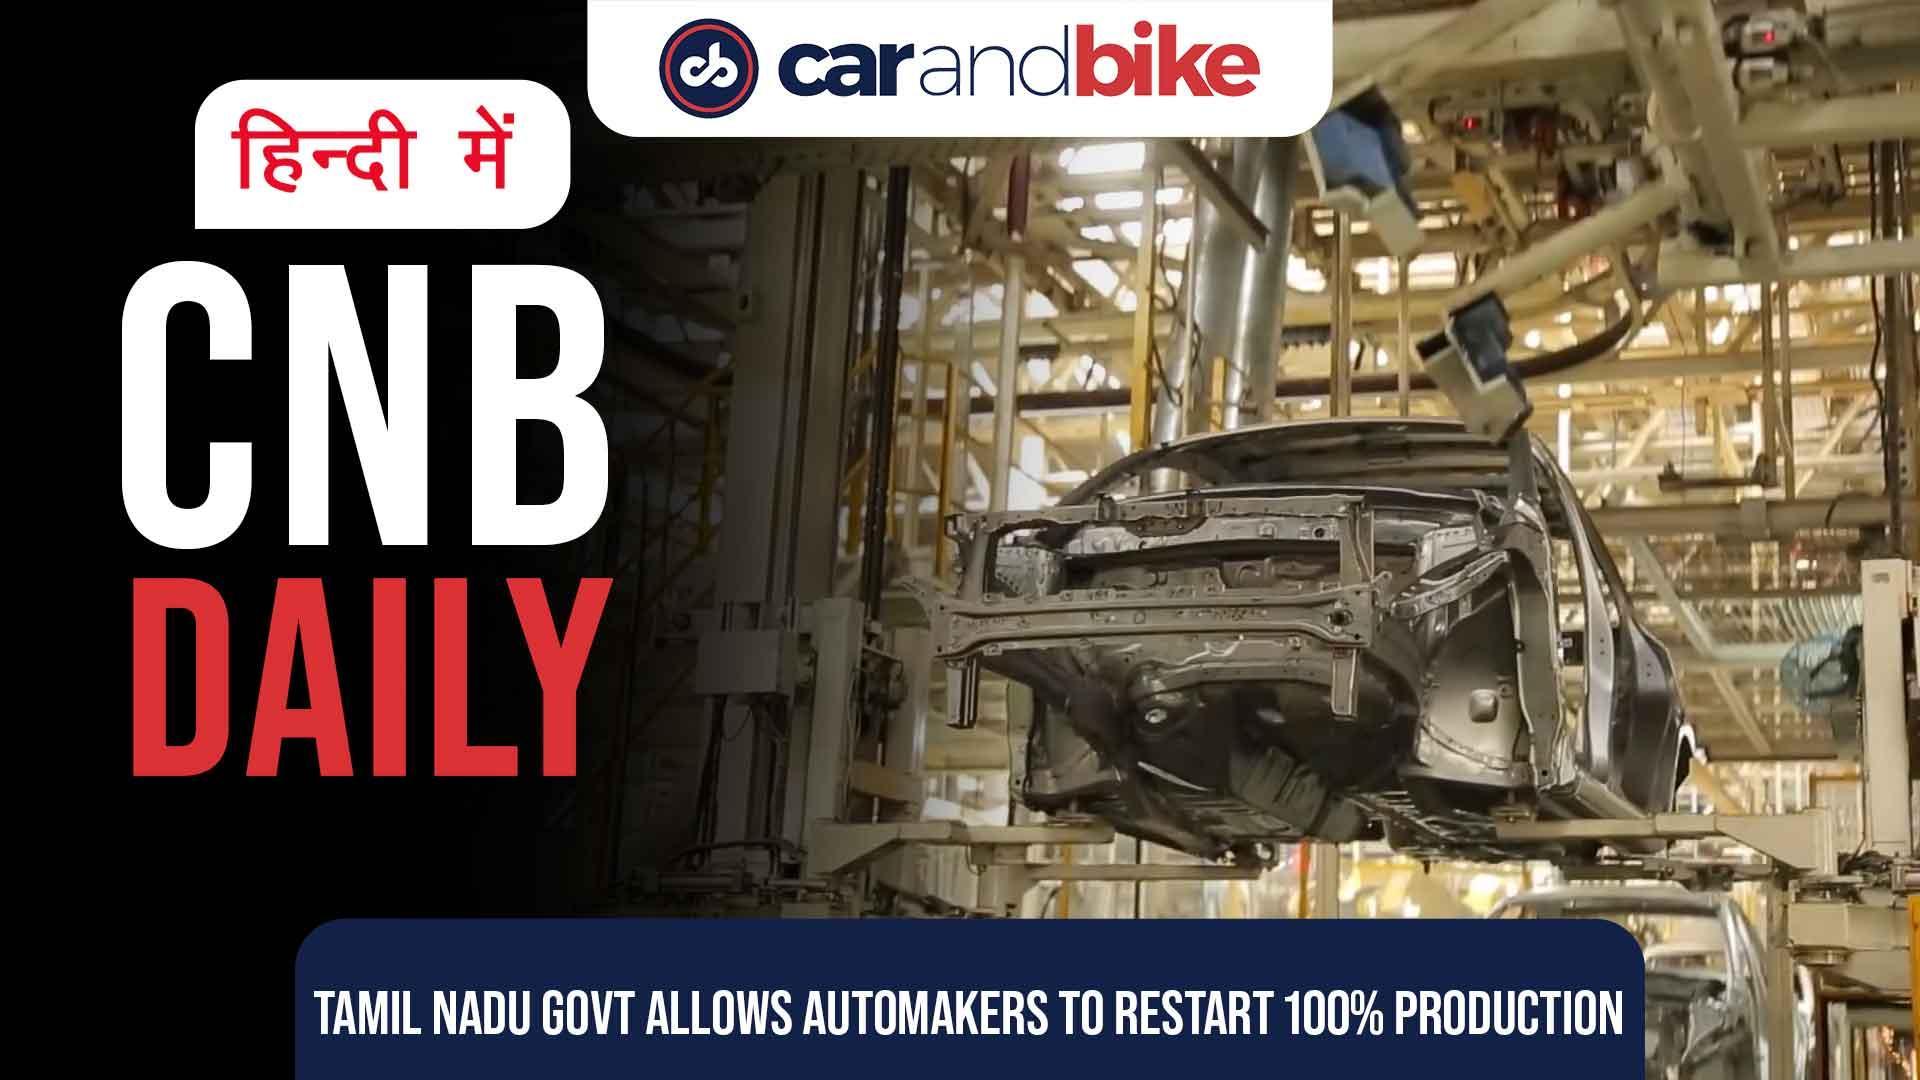 तमिलनाडु सरकार ने वाहन निर्माताओं को दी उत्पादन की अनुमति